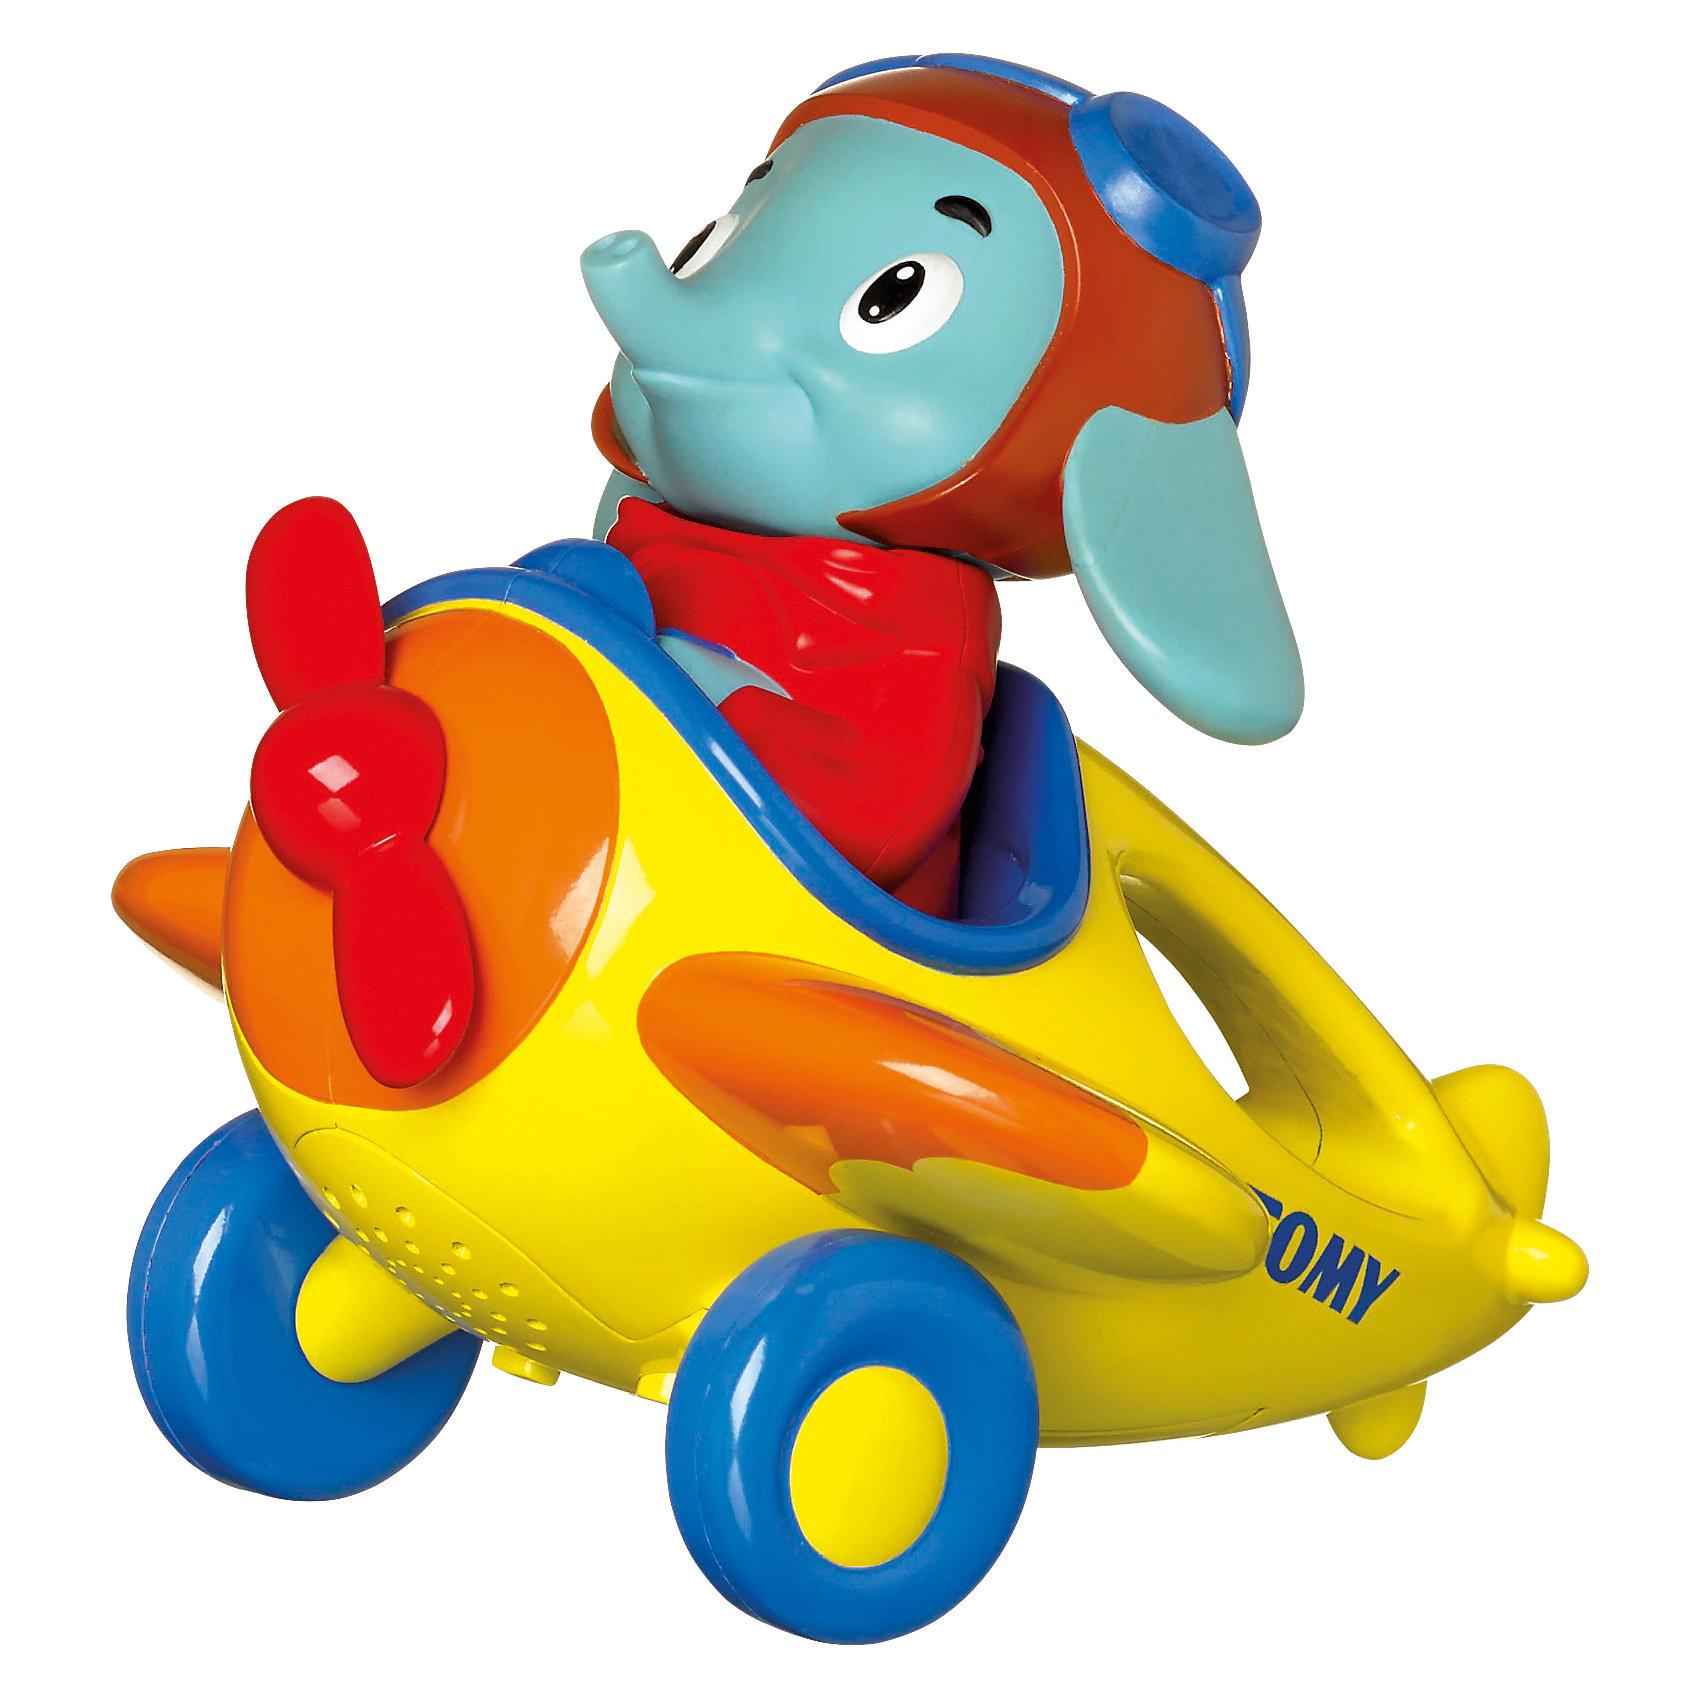 Игрушка Веселые виражи летчика Люка, TOMYСамолёты и вертолёты<br>Эта оригинальная игрушка обязательно понравится вашему малышу. Игрушка представляет собой самолетик, за штурвалом которого сидит веселый слоненок.<br>Когда ребенок берет игрушку в руку,  у нее заводится пропеллер, с соответствующим звуком и начинает играть веселая мелодия. <br>Если описывать самолётом петли в воздухе,  летчик начинает считать виражи.  Последовательно от 1 до 10.<br>После того как самолет приземляется двигатель глохнет и пропеллер останавливается.<br><br>Малыши обожают яркие игрушки со звуковыми эффектами, этот слоник подарит много радости и улыбок вашему крохе. Игрушка выполнена из высококачественных материалов, не имеет острых углов, безопасна для ребенка. <br><br>Дополнительная информация:<br><br>- Материал: пластик.<br>- Высота: 9х15х13 см.<br>- Цвет: желтый, голубой, синий, красный.<br>- Звуковые эффекты.<br>- Элемент питания: 3 батарейки ААА ( в комплекте).<br><br>Поддерживаемые языки:<br>- Русский<br>- Английский<br>- Испанский<br>- Итальянский<br><br>Игрушку Веселые виражи летчика Люка, TOMY (Томи) можно купить в нашем магазине.<br><br>Ширина мм: 210<br>Глубина мм: 150<br>Высота мм: 210<br>Вес г: 440<br>Возраст от месяцев: 18<br>Возраст до месяцев: 36<br>Пол: Унисекс<br>Возраст: Детский<br>SKU: 3922280